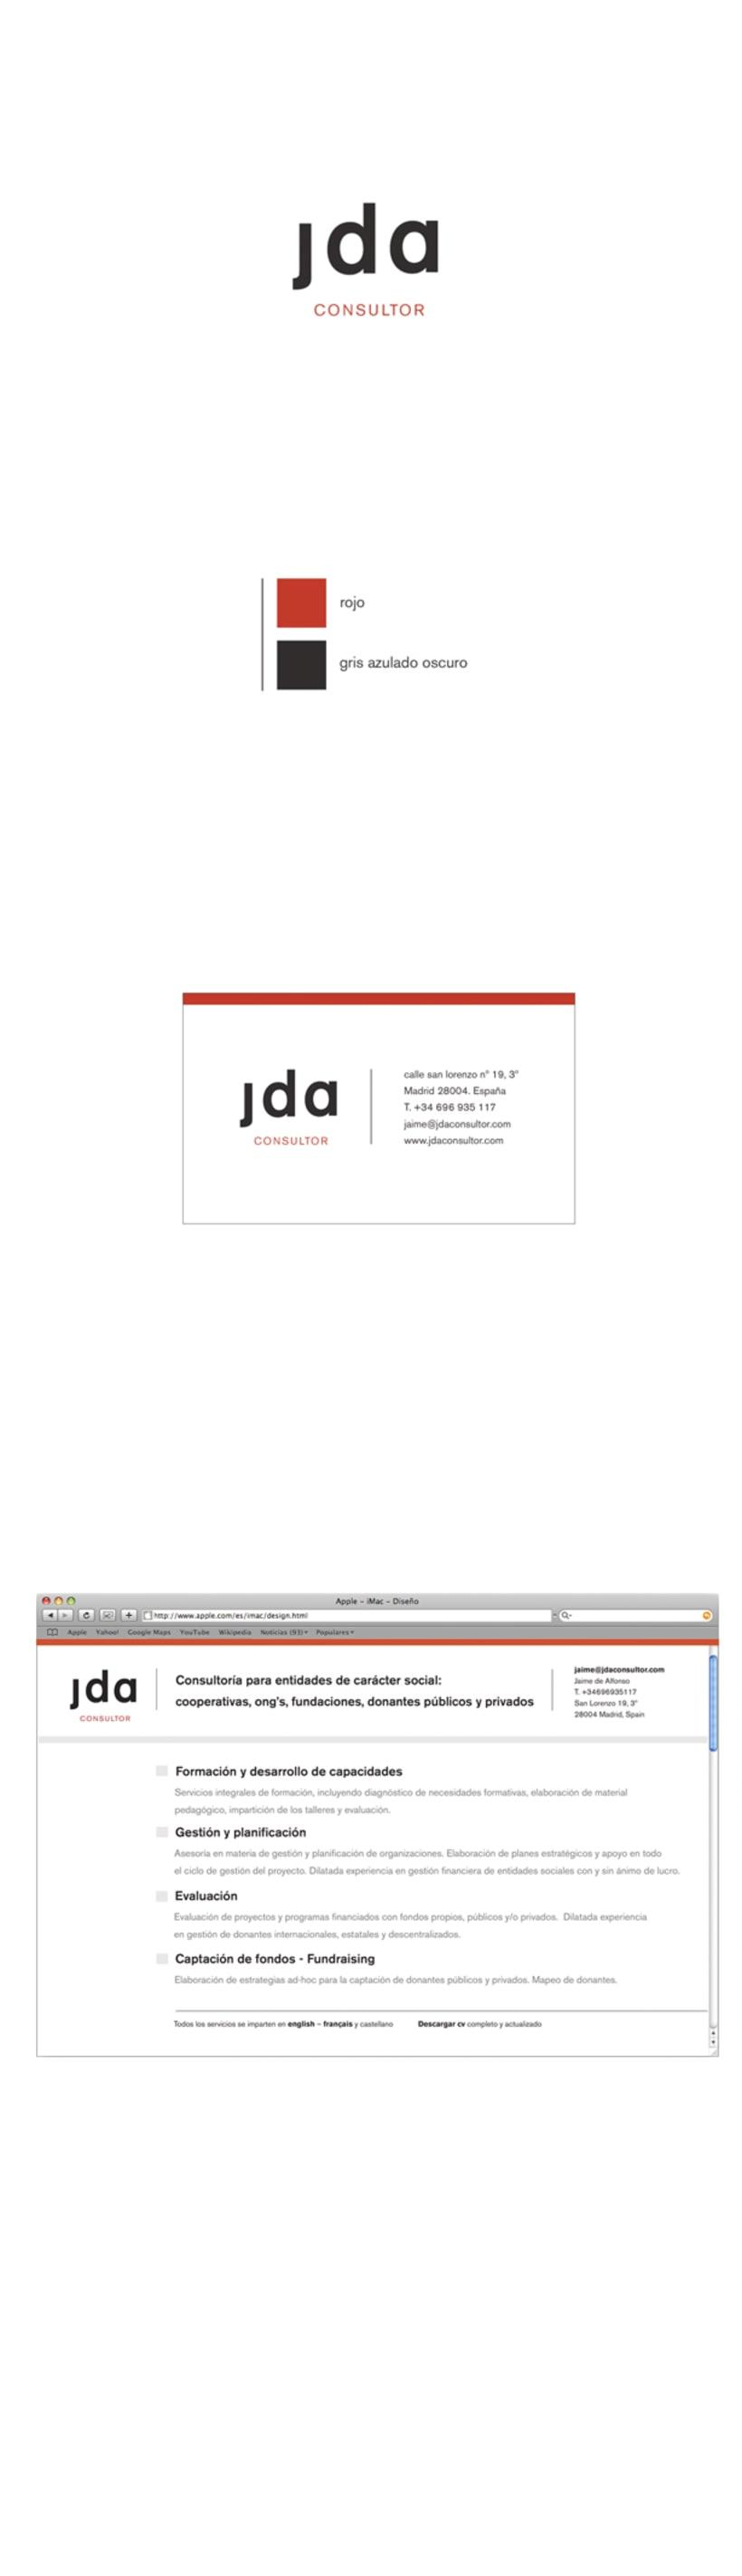 JDA Consultor 0